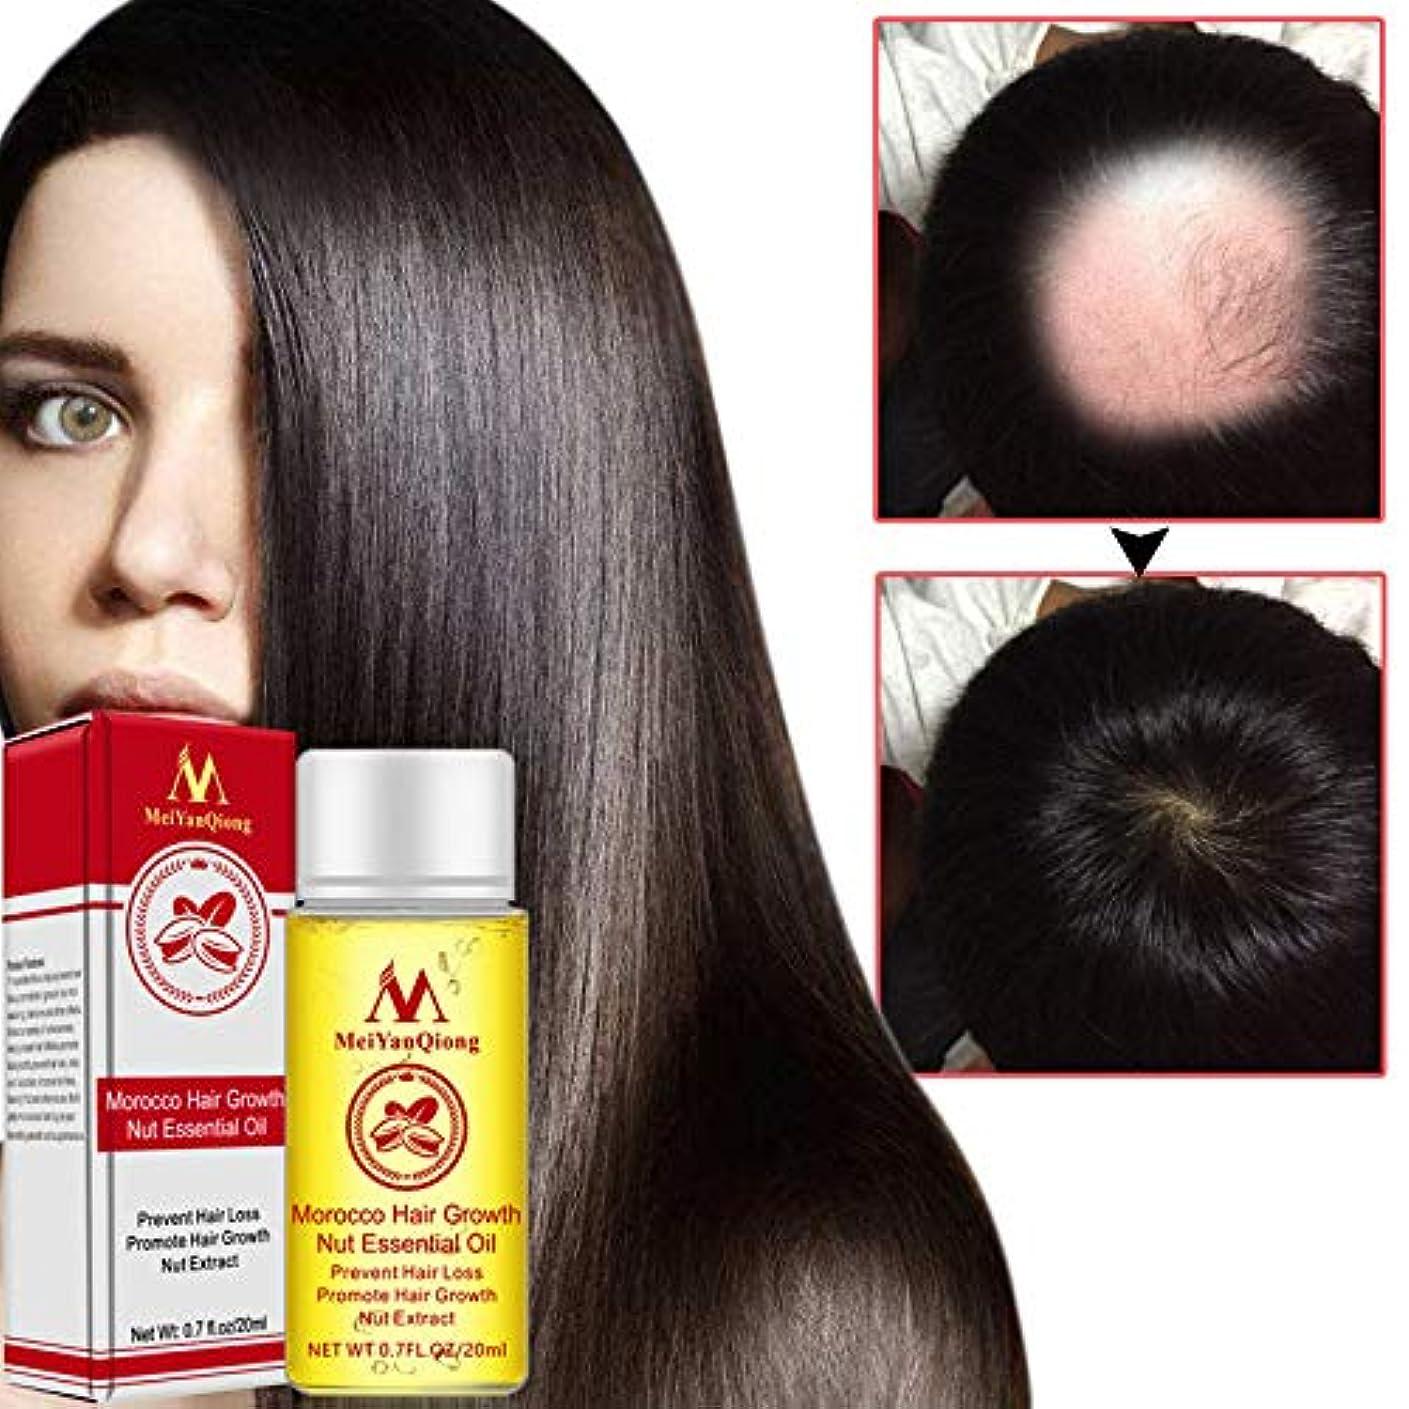 Symboat 女性用 男性用 ヘアケアエッセンシャルオイル 髪 やわらか なめらか しなやかさ 防止抜け毛 保湿 栄養補給